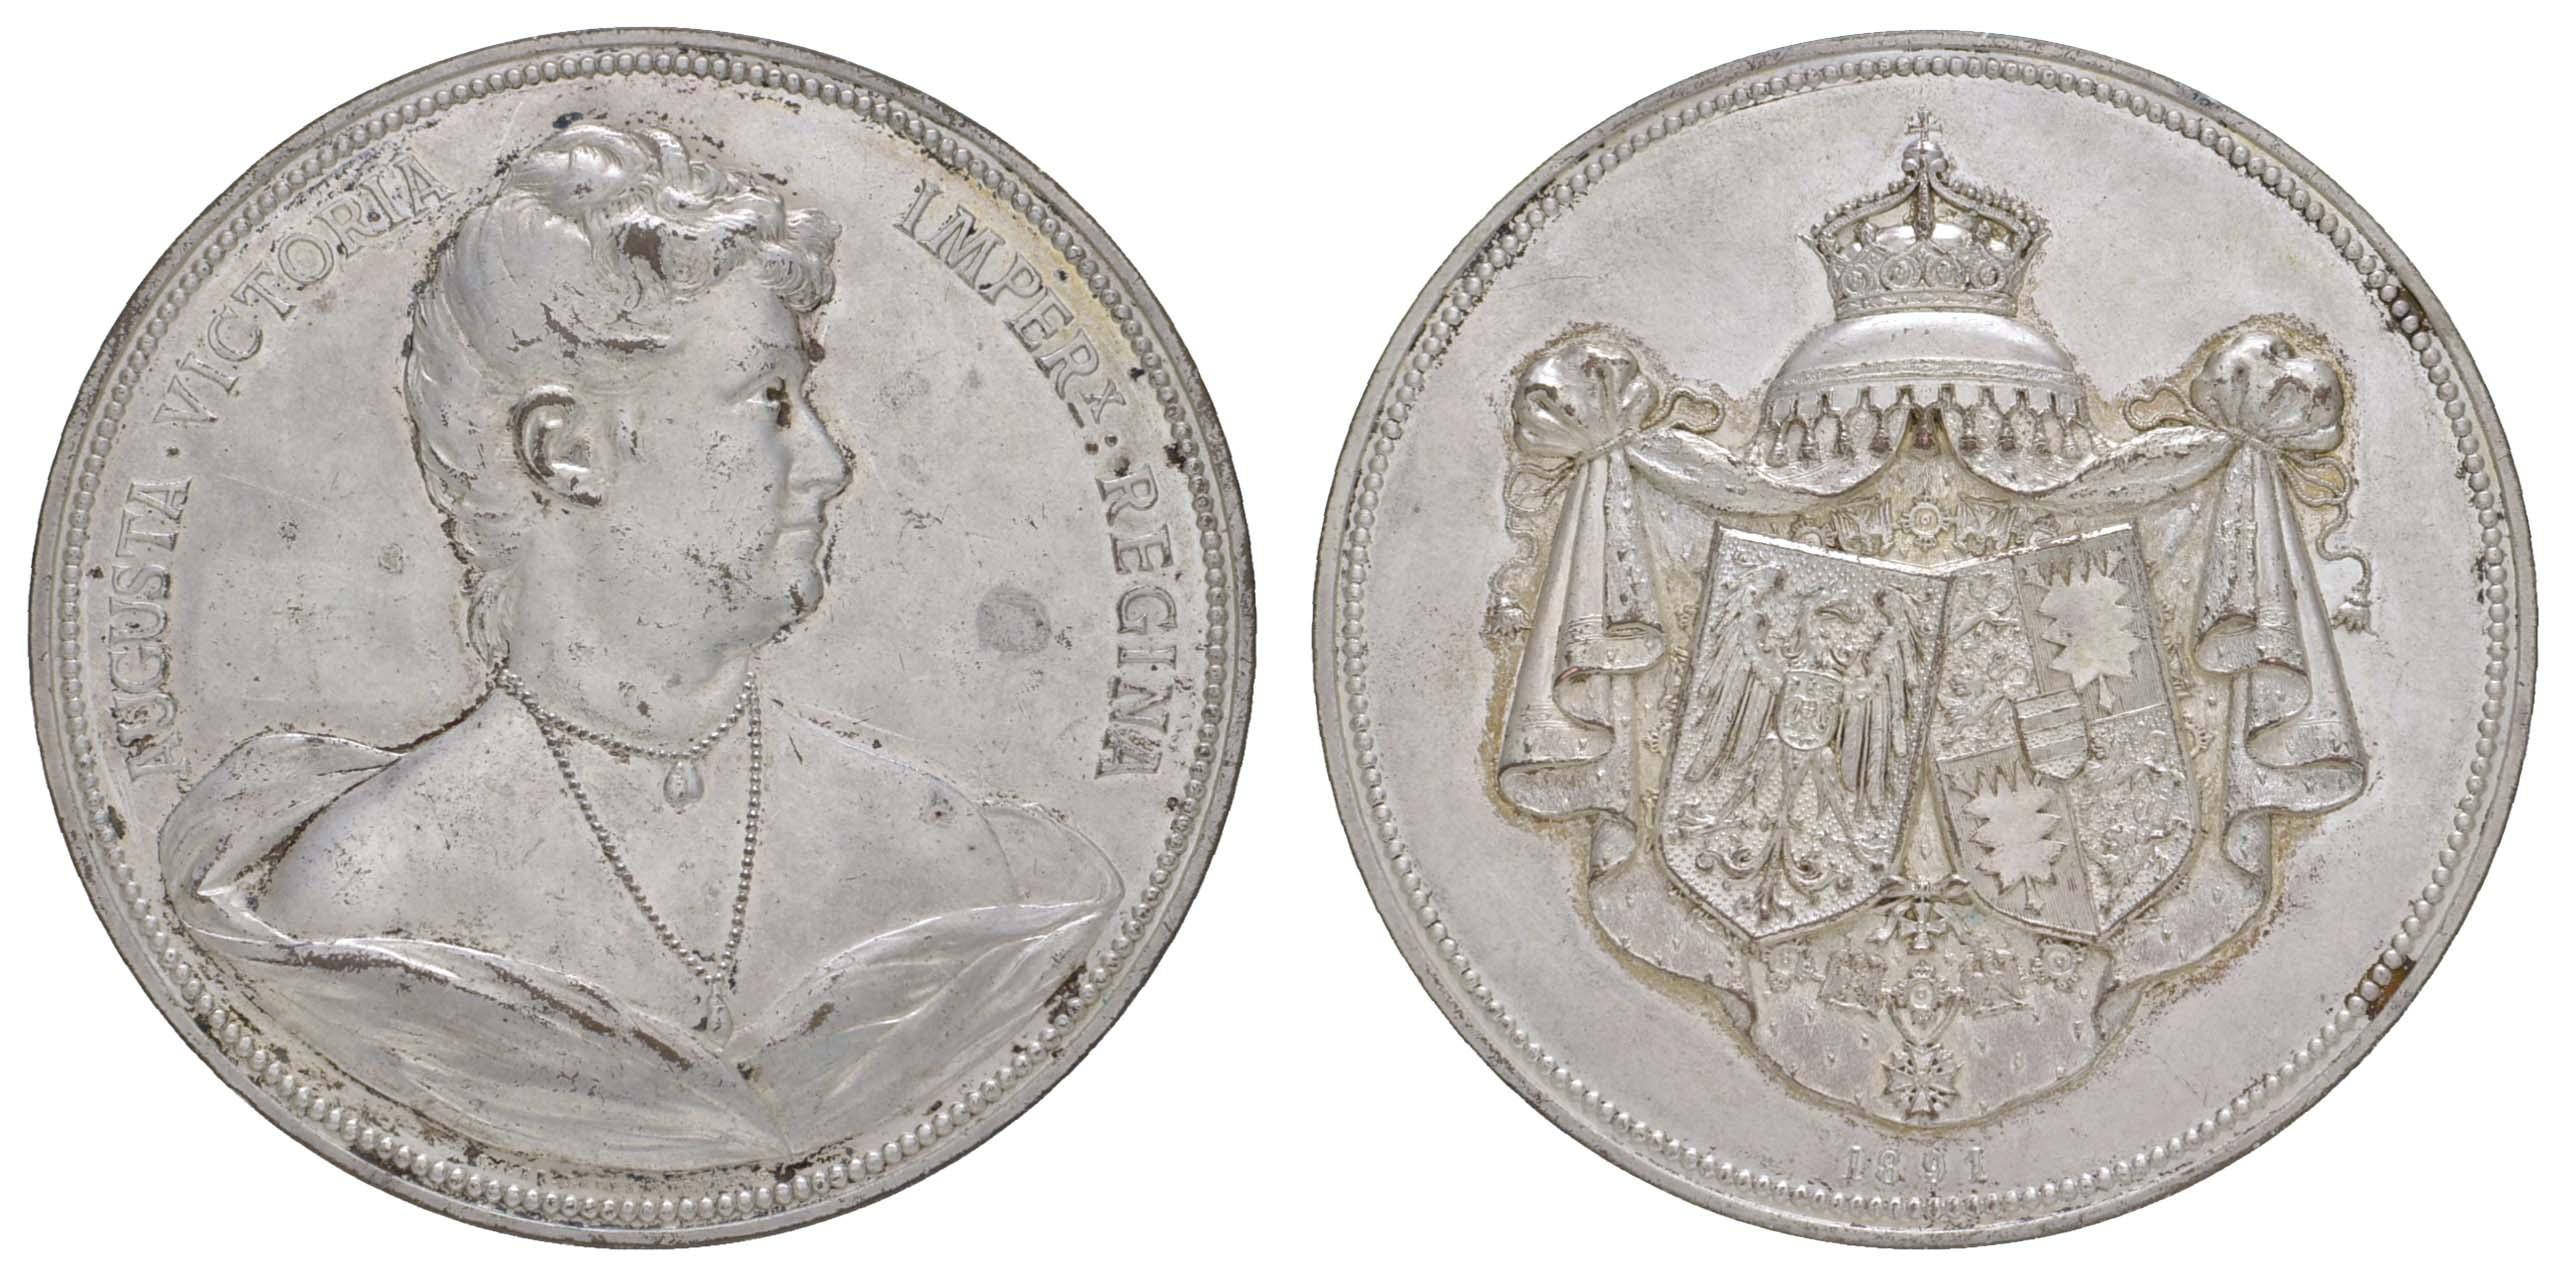 Lot 2236 - medaillen Sonstige Medaillen - Deutschland -  Auktionshaus Ulrich Felzmann GmbH & Co. KG Coins single lots